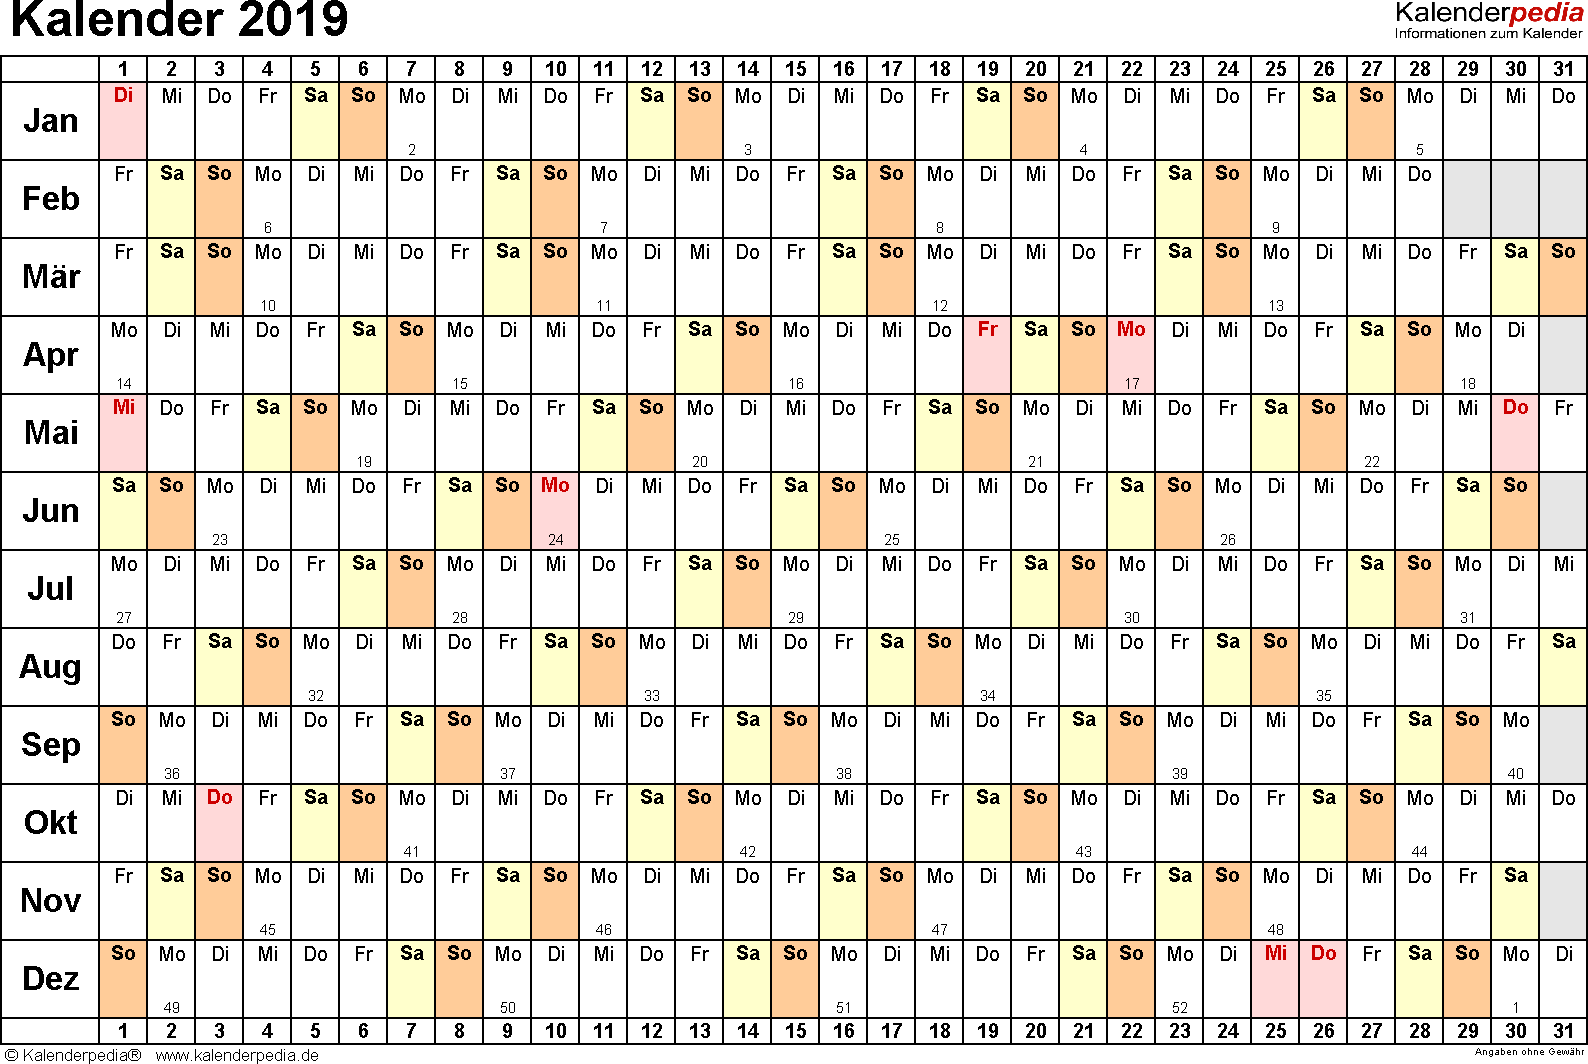 Vorlage 6: Kalender 2019 für Word, Querformat, 1 Seite, Tage linear